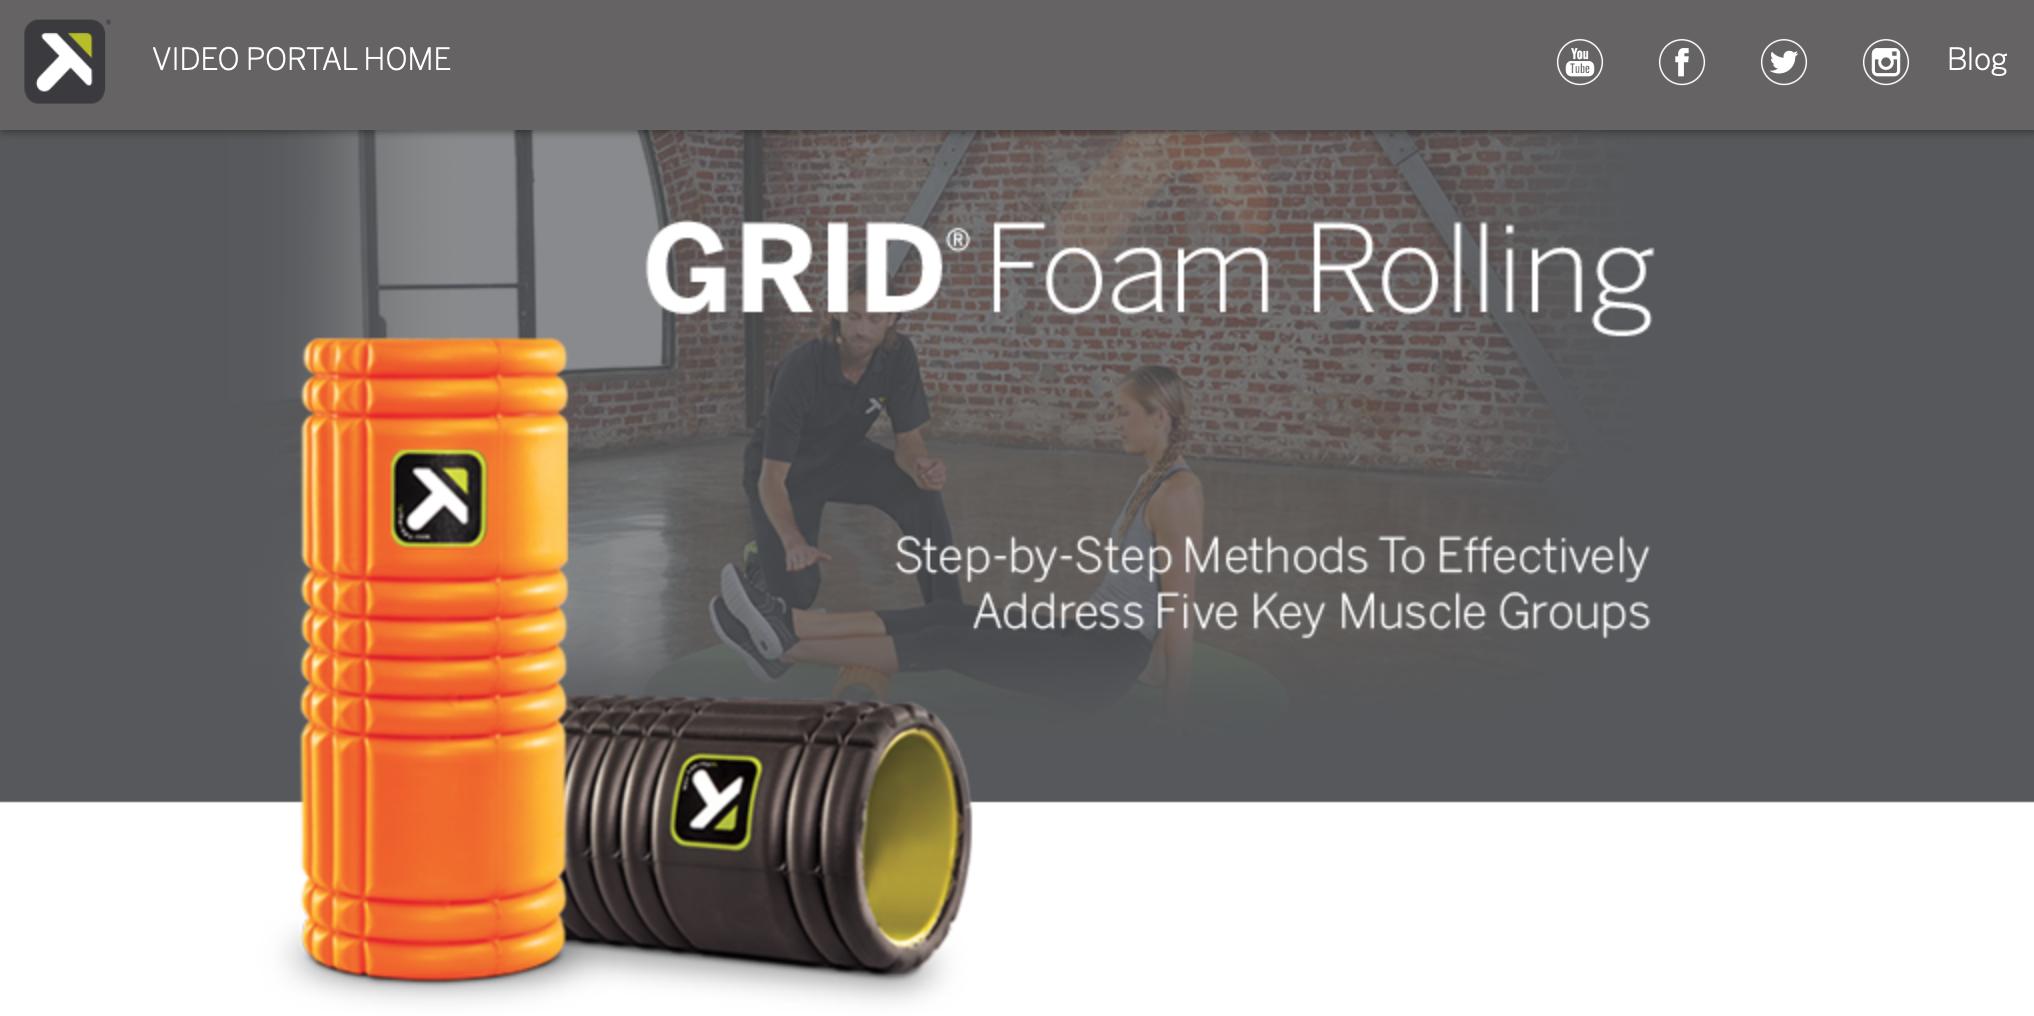 grid foam rolling videos